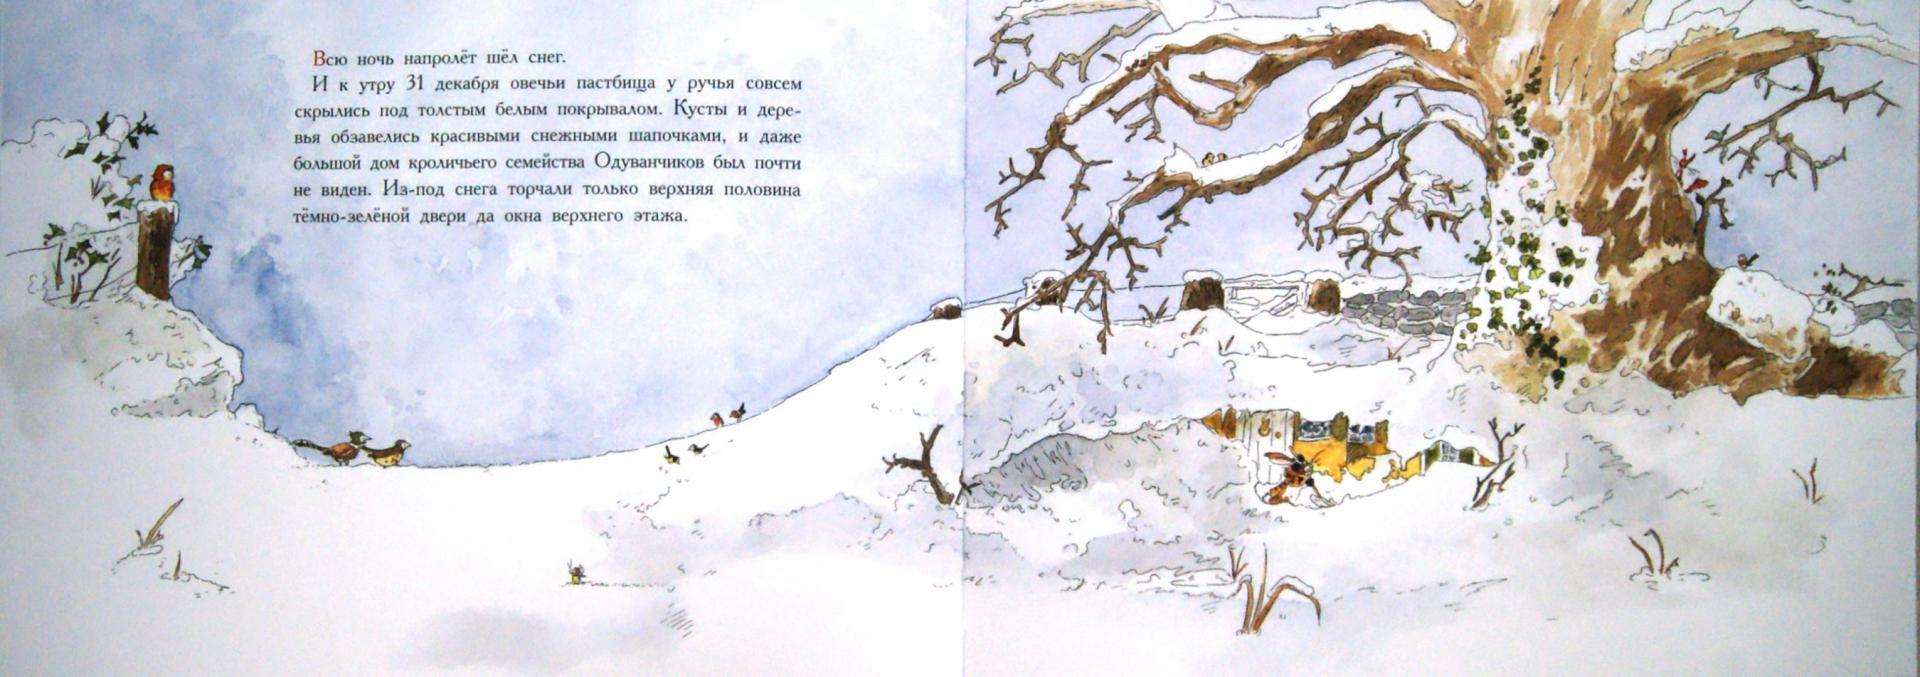 Иллюстрация 1 из 55 для Приключения Юлиуса Одуванчика. Спасти Новый год - Андреас Шмахтл   Лабиринт - книги. Источник: Лабиринт